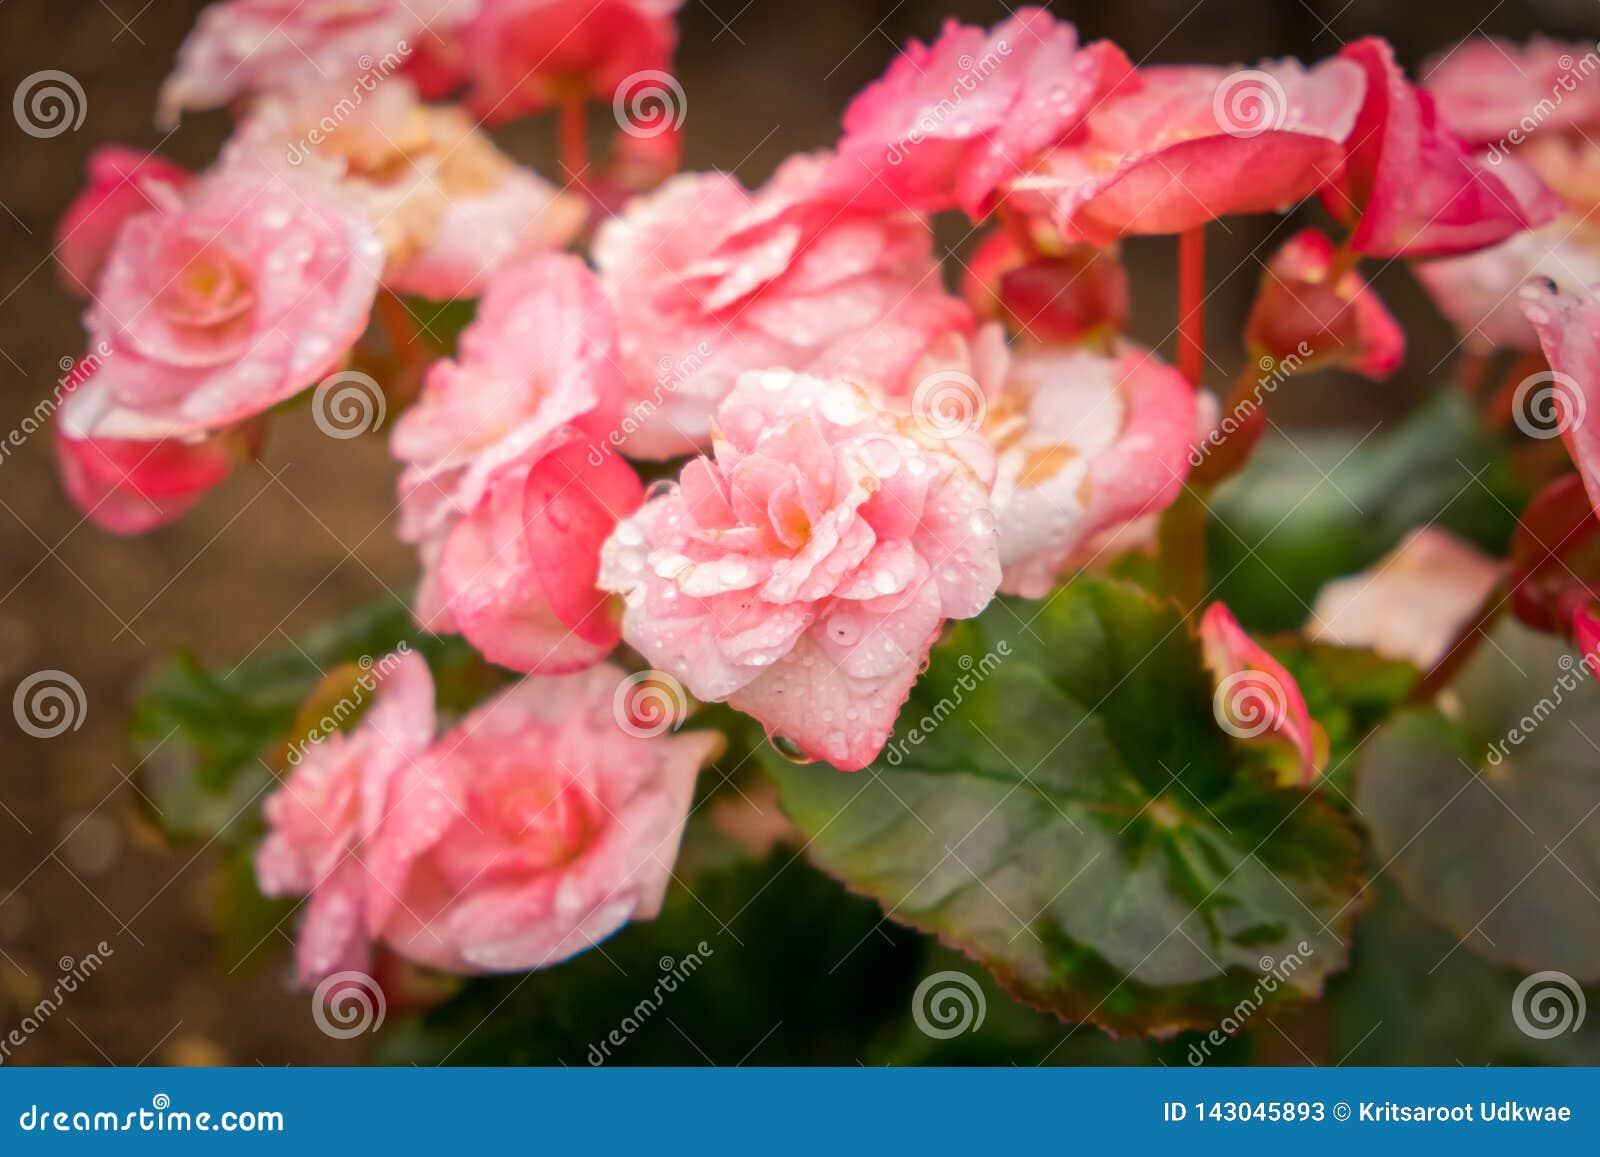 Abschluss herauf bunte Rosen mit Wassertropfen des Gartens